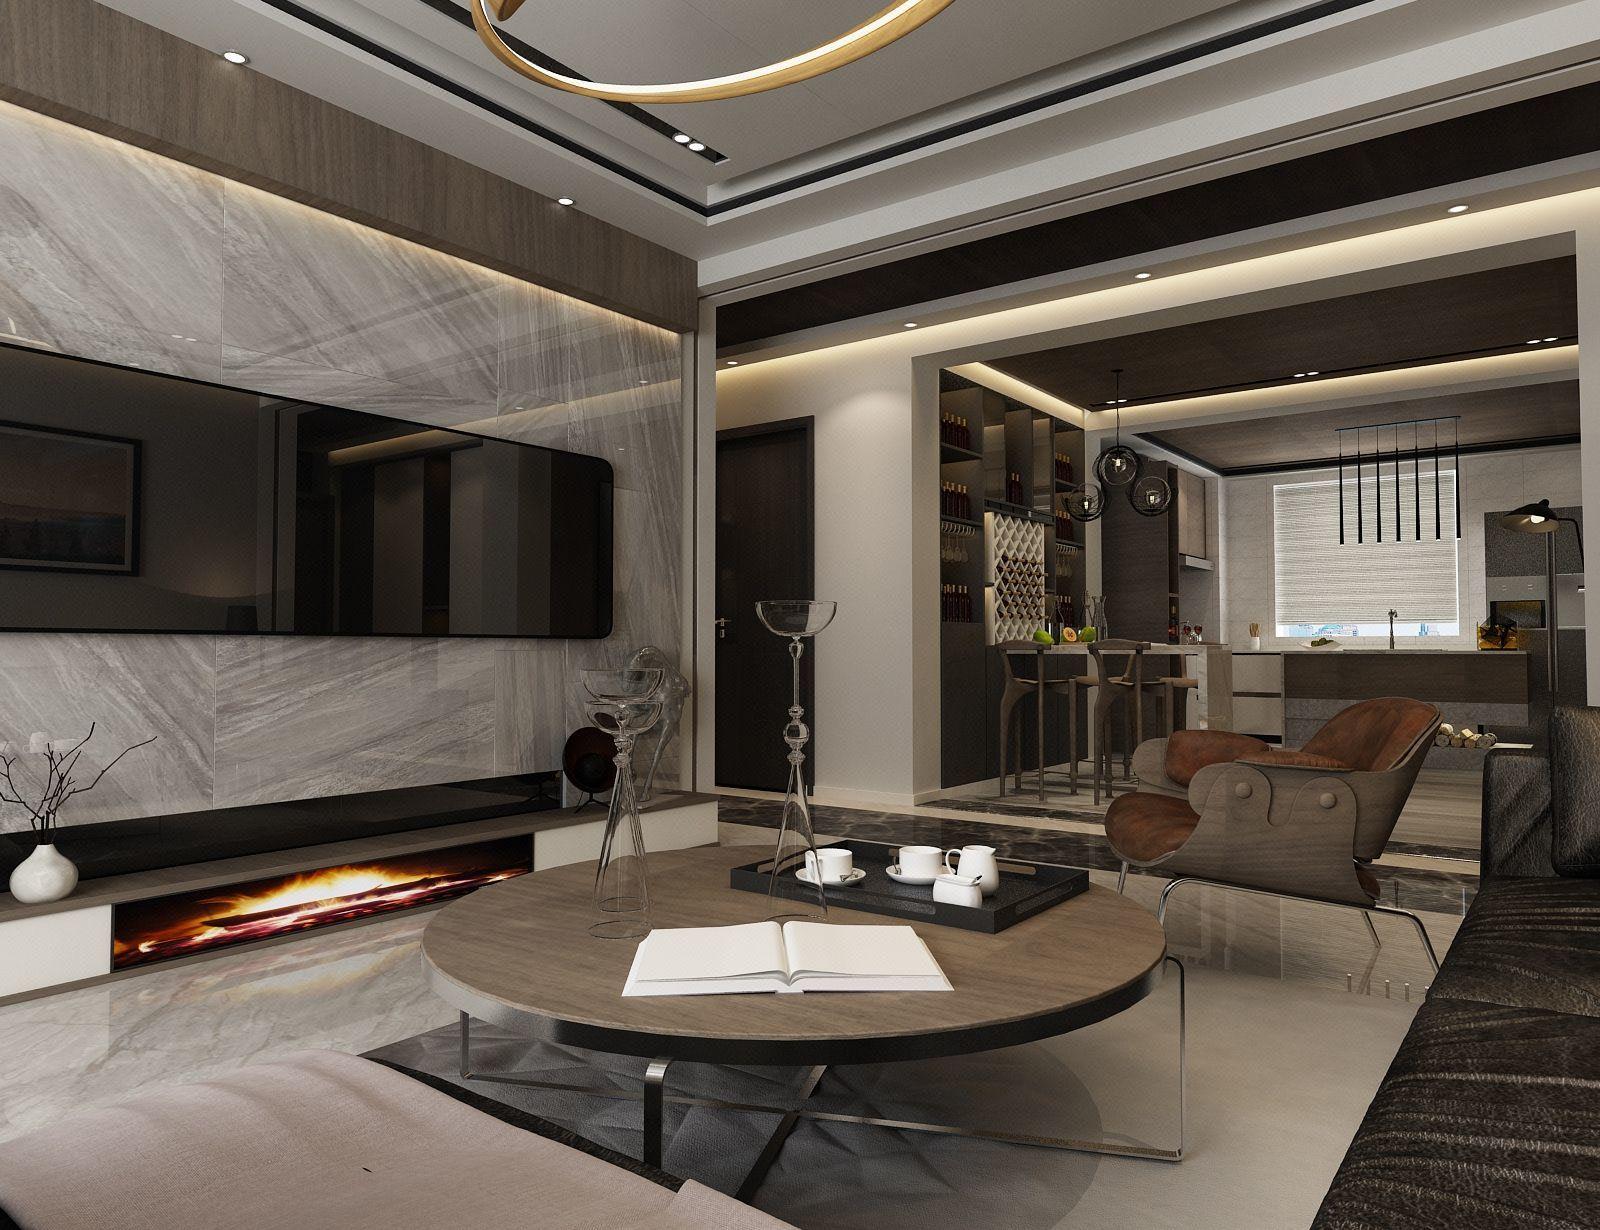 100平米两室一厅房屋装修效果图,100平米房屋简单装修效果图